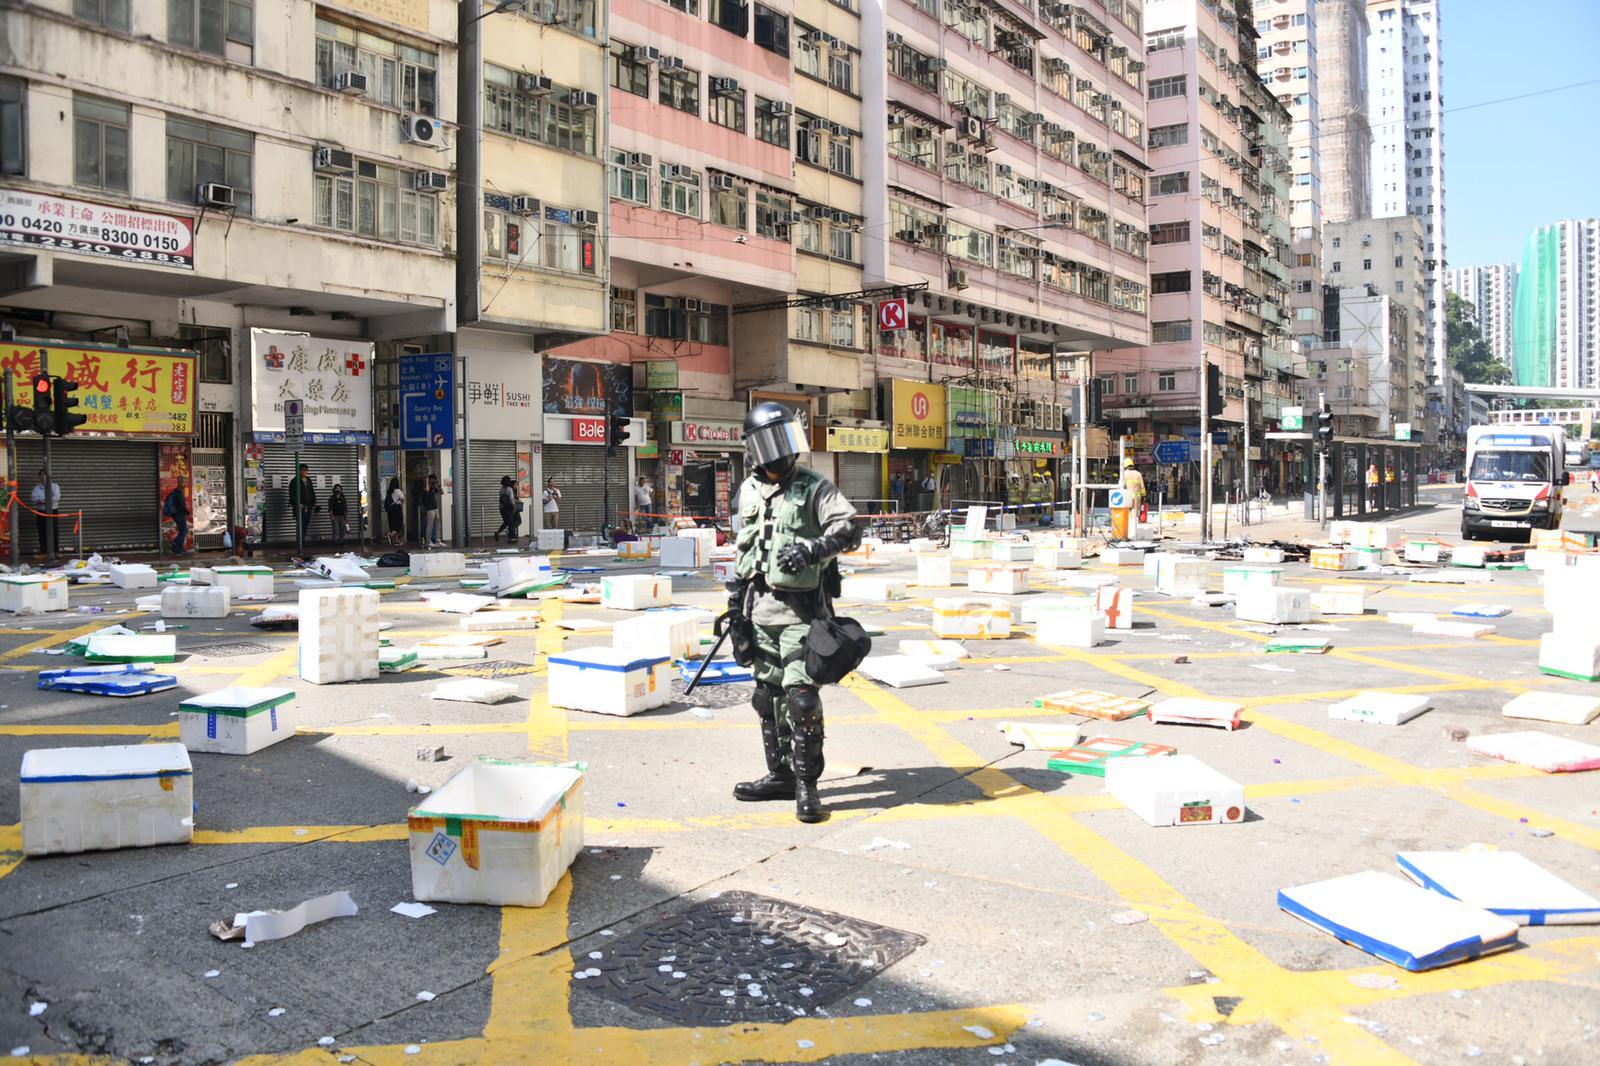 示威者在馬路放置大量發泡膠箱阻礙行車。